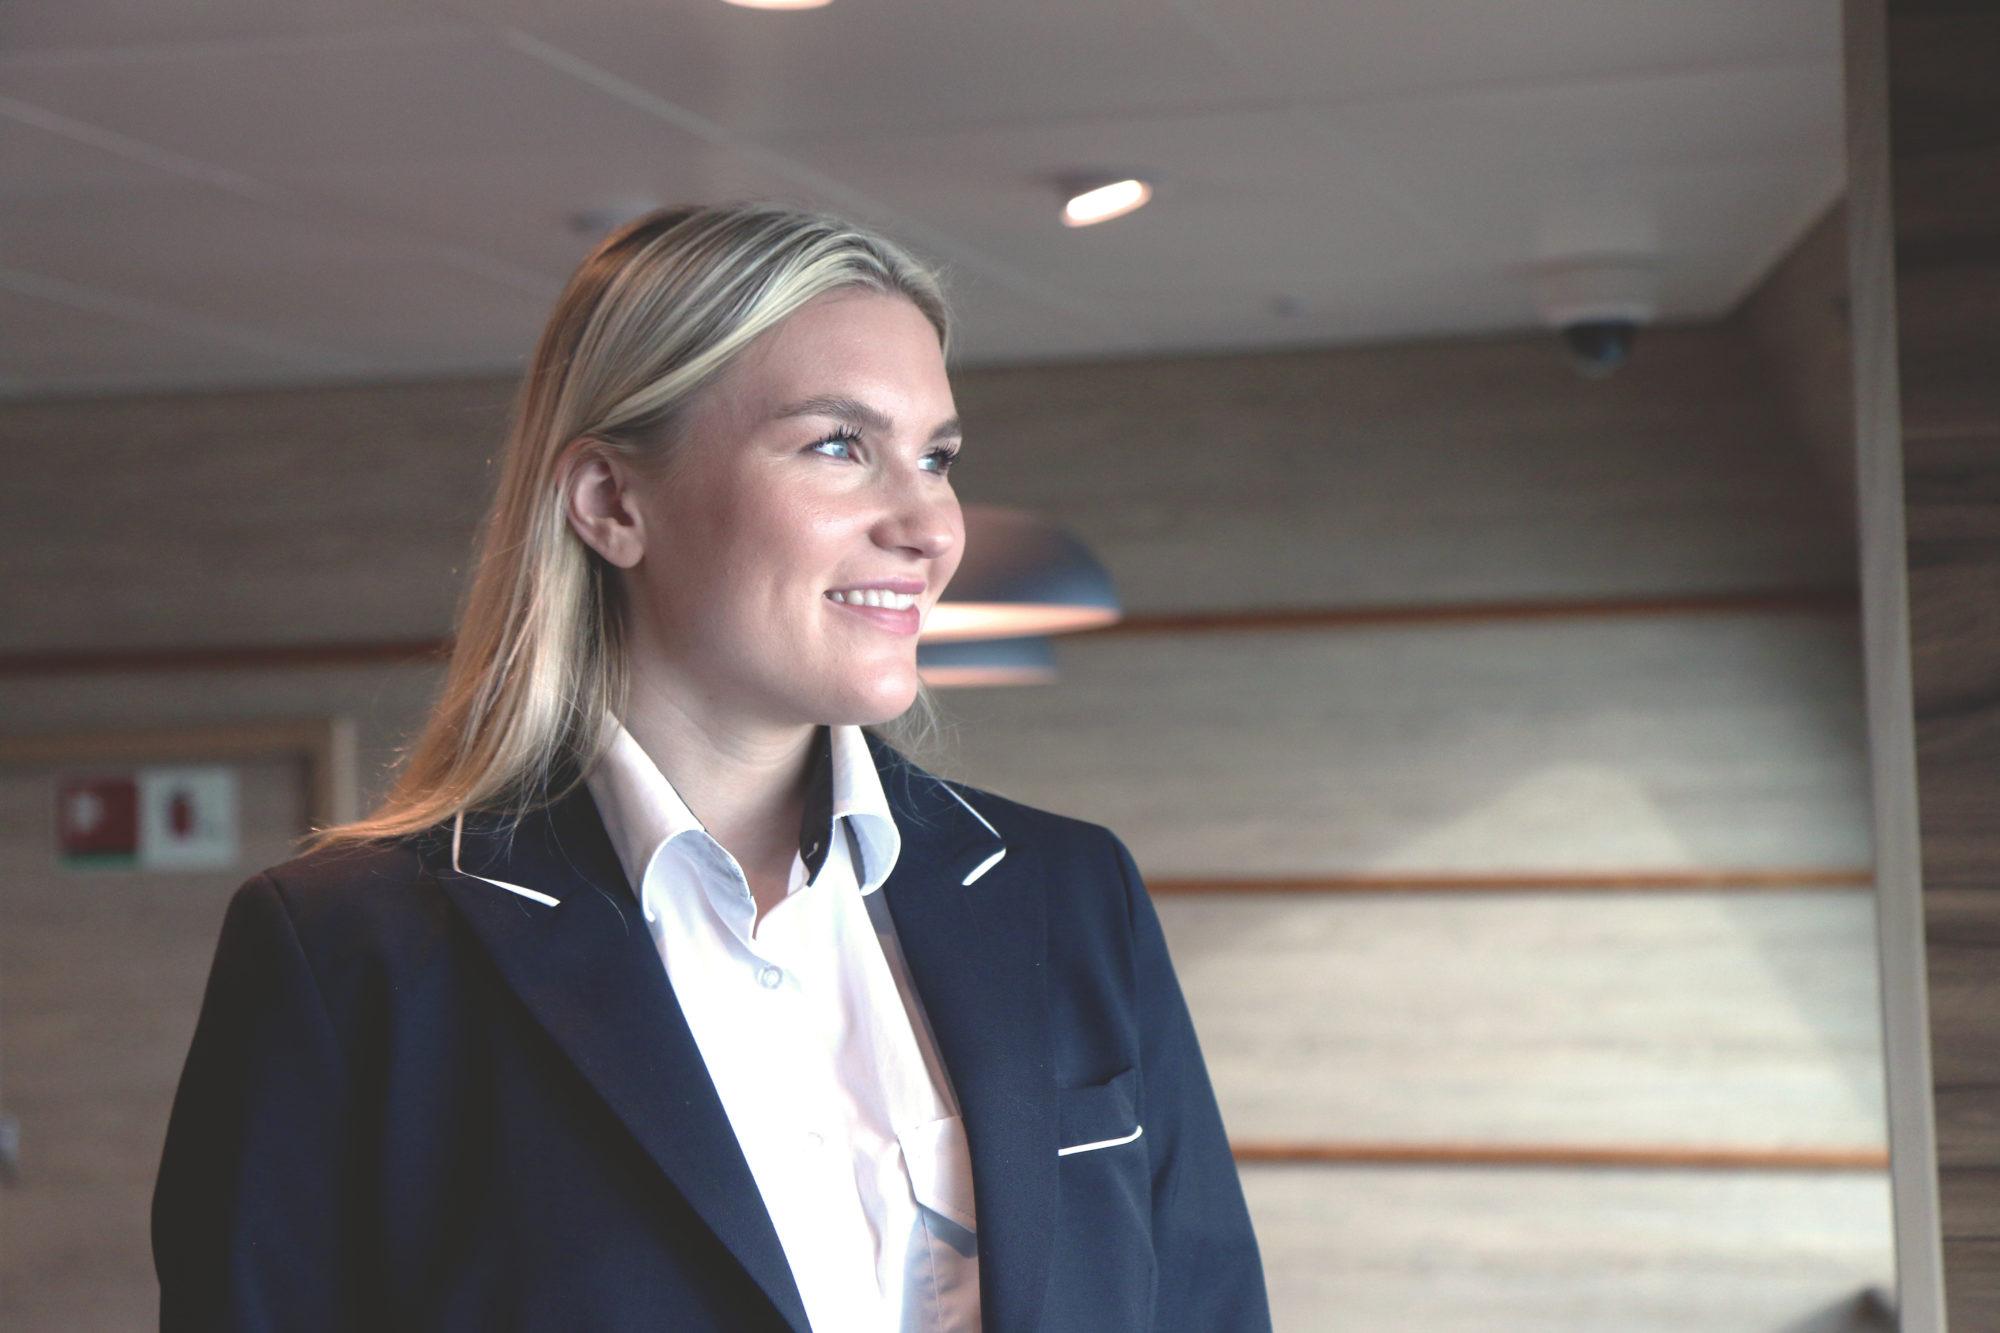 Målrettet ung dame: Tina har nådd sitt foreløpige mål om å bli styrmann. Hvor det ender vet 22-åringen ikke. Foto: Fjord Line